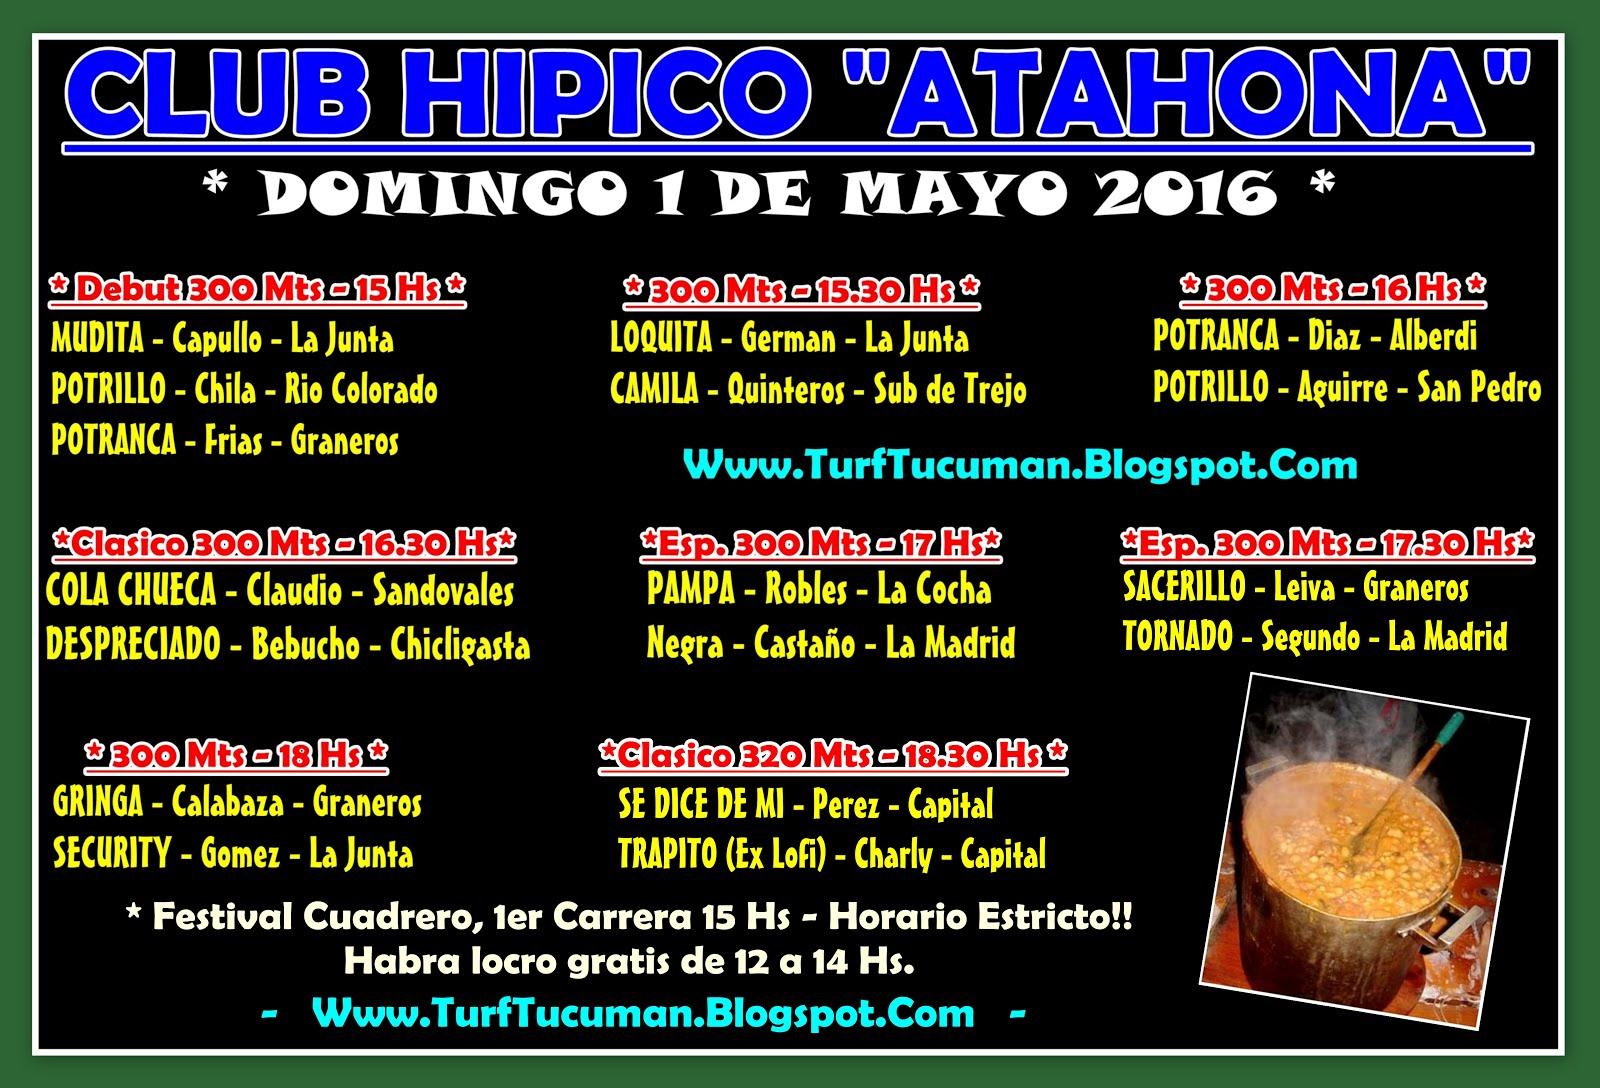 PROG ATAHONA DGO 1 MAYO 2016